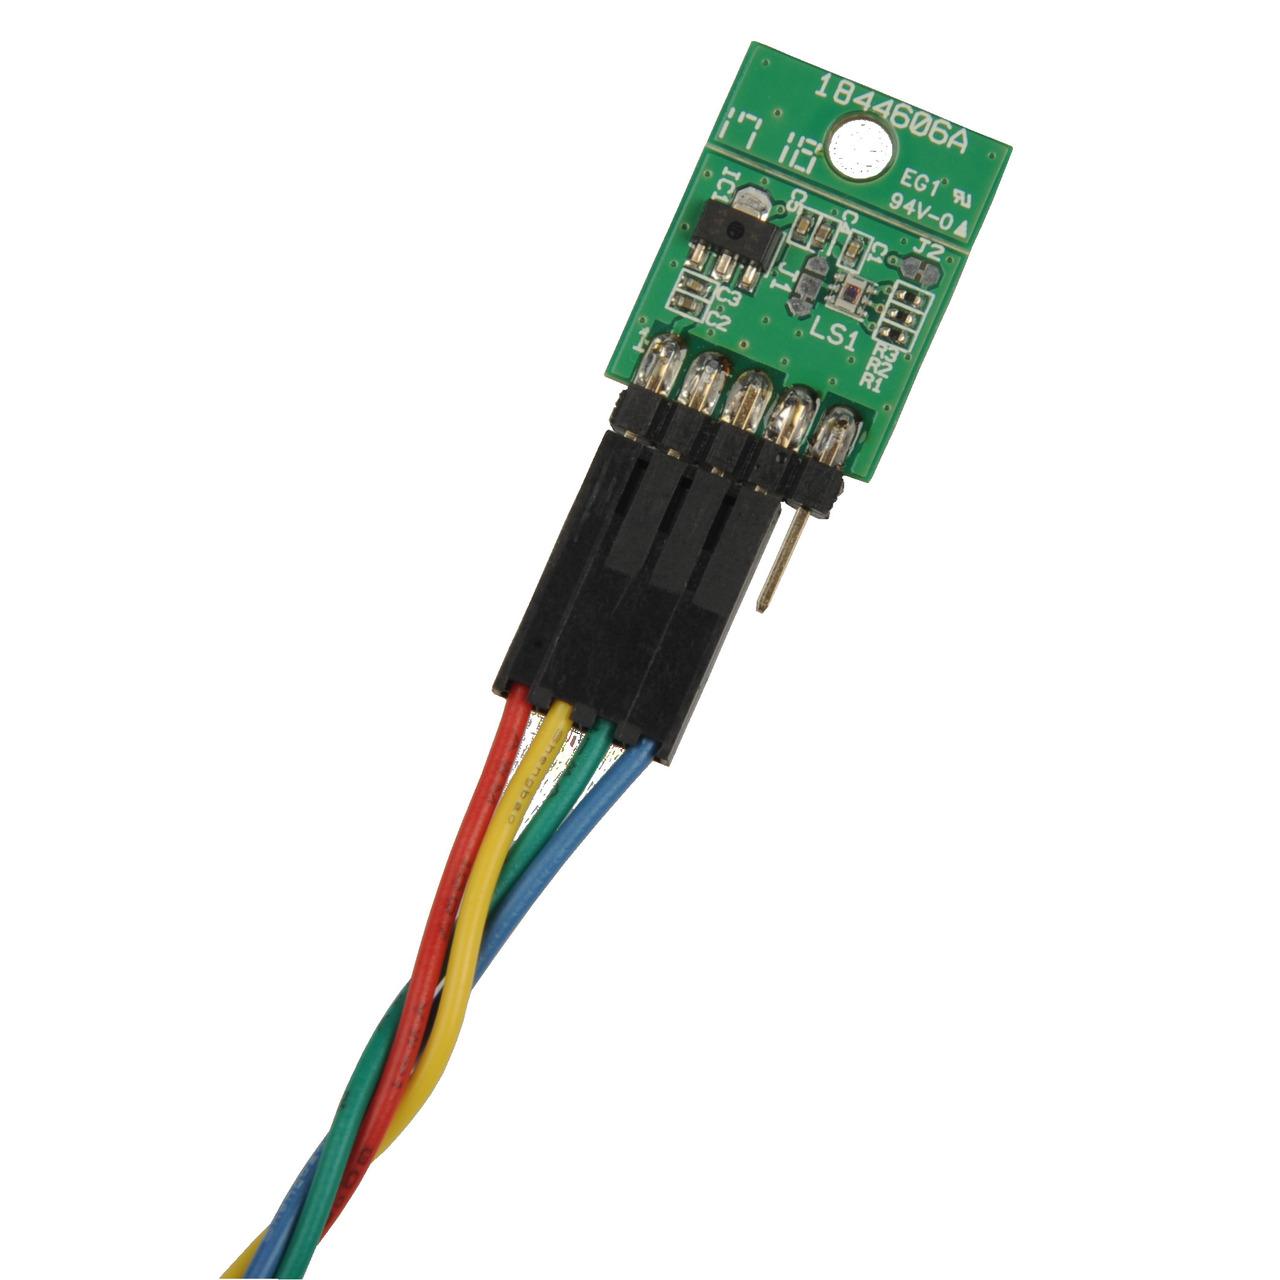 ELV Komplettbausatz Lichtsensor OPT3001 mit I-C-Schnittstelle I2C-LS